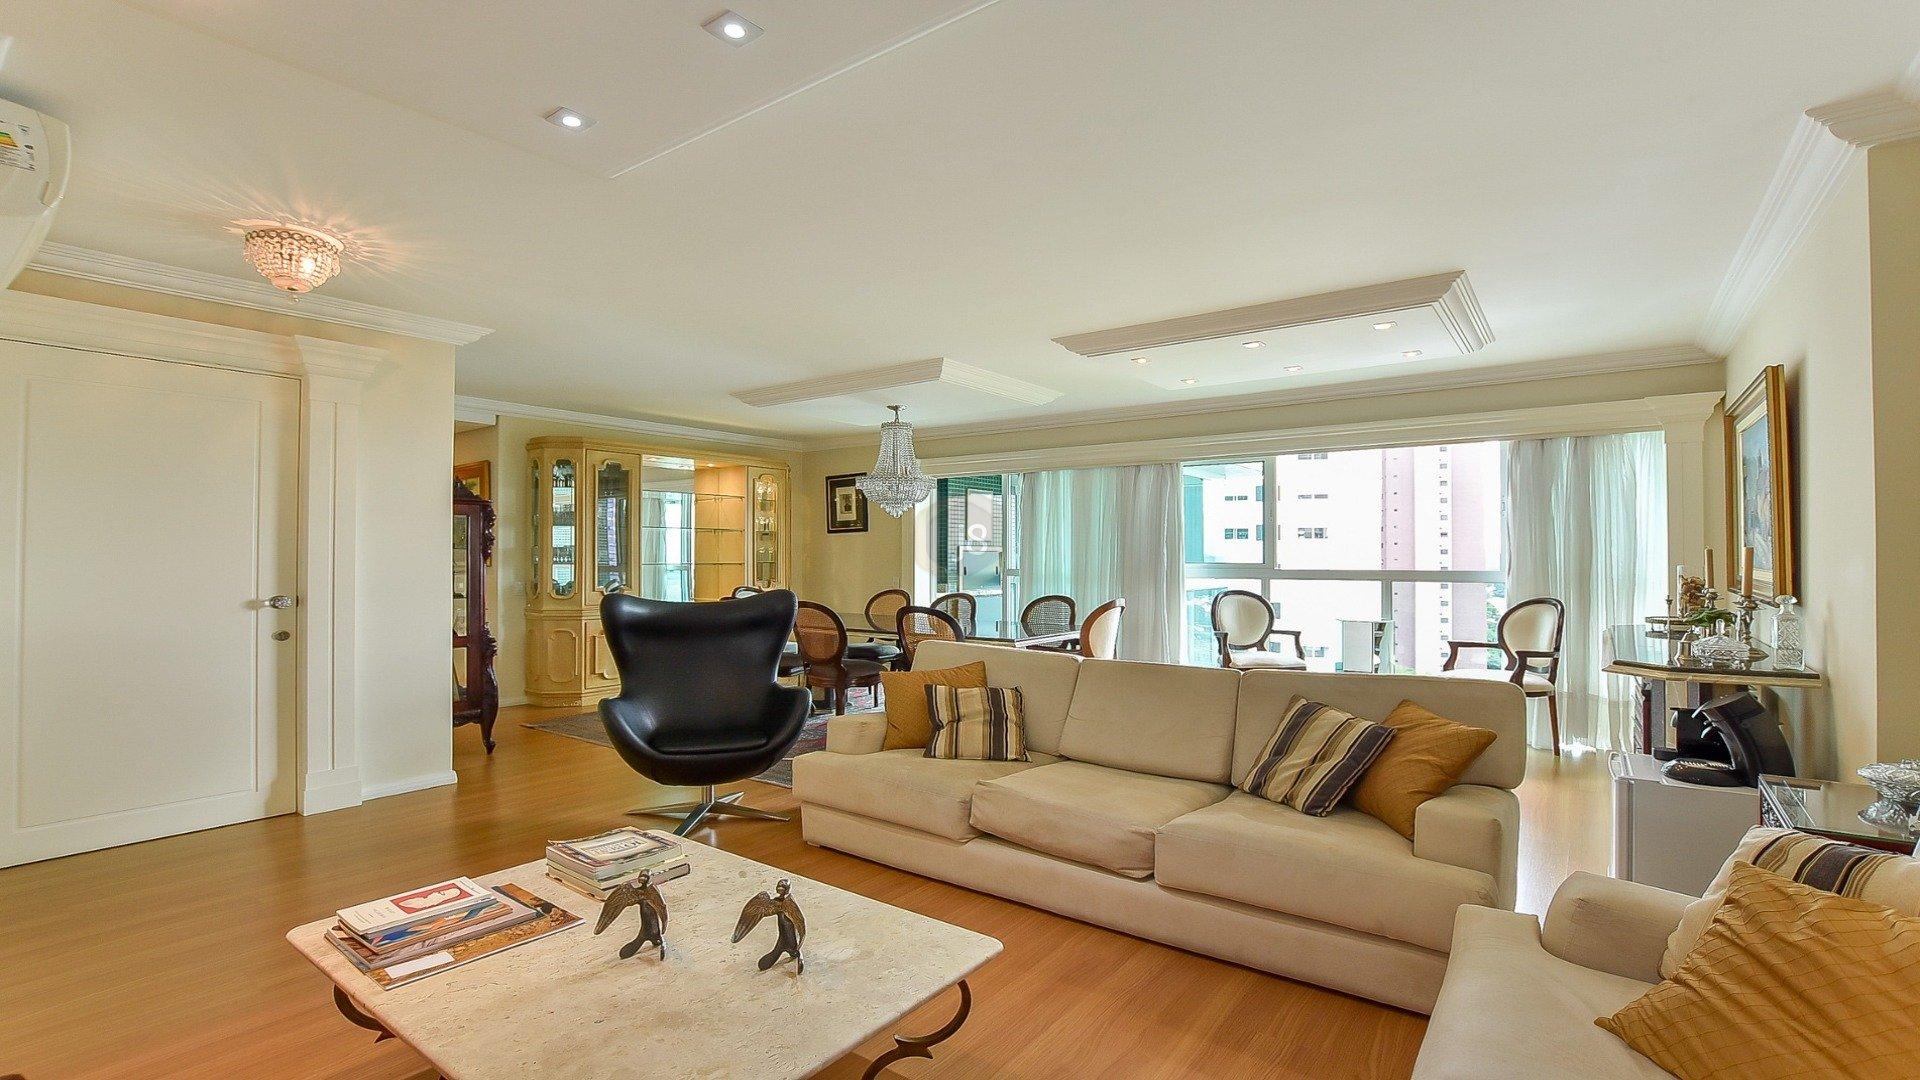 Foto de destaque Apartamento no ecoville com 4 quartos e churrasqueira